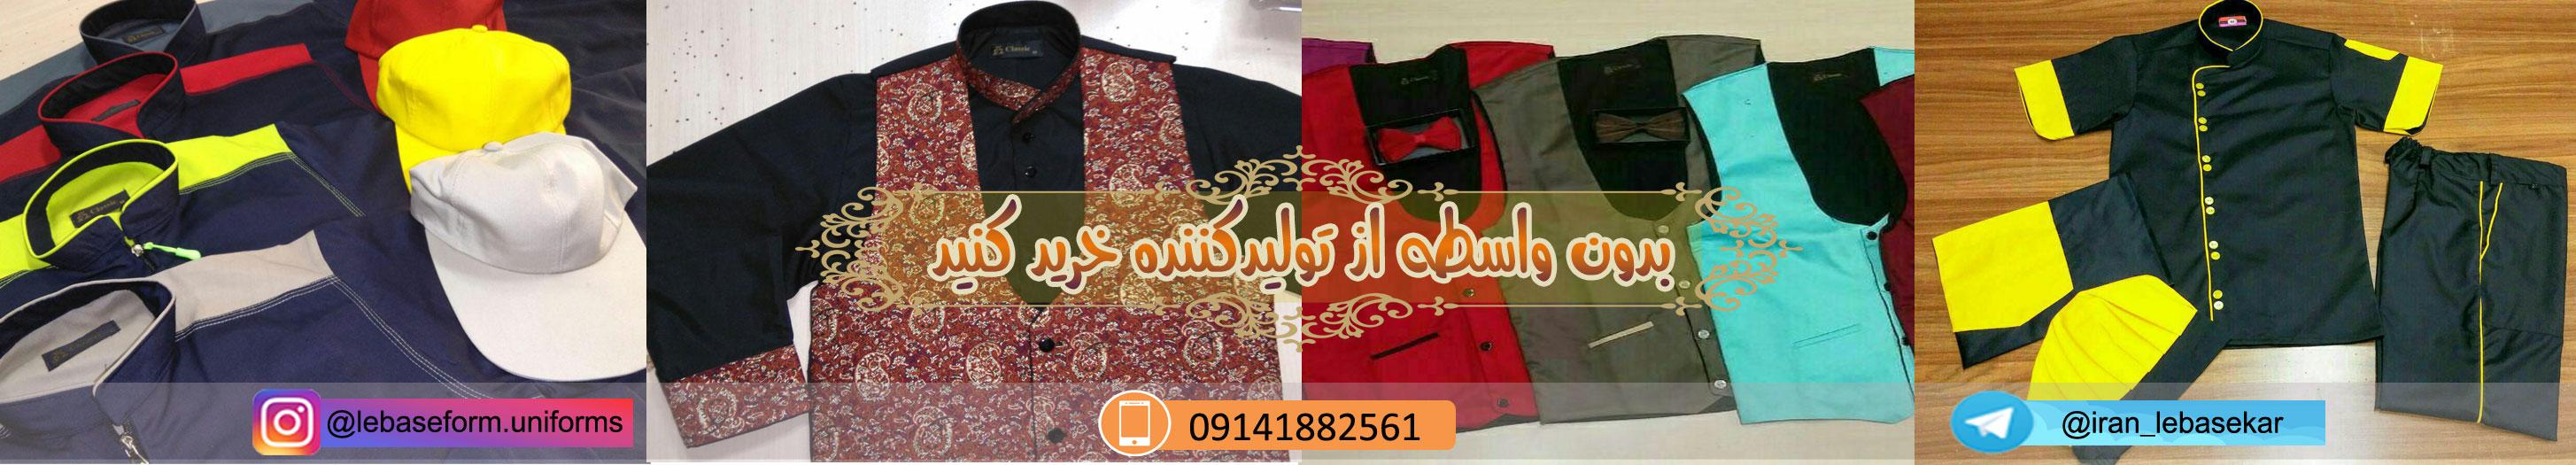 فروش انواع لباس کار